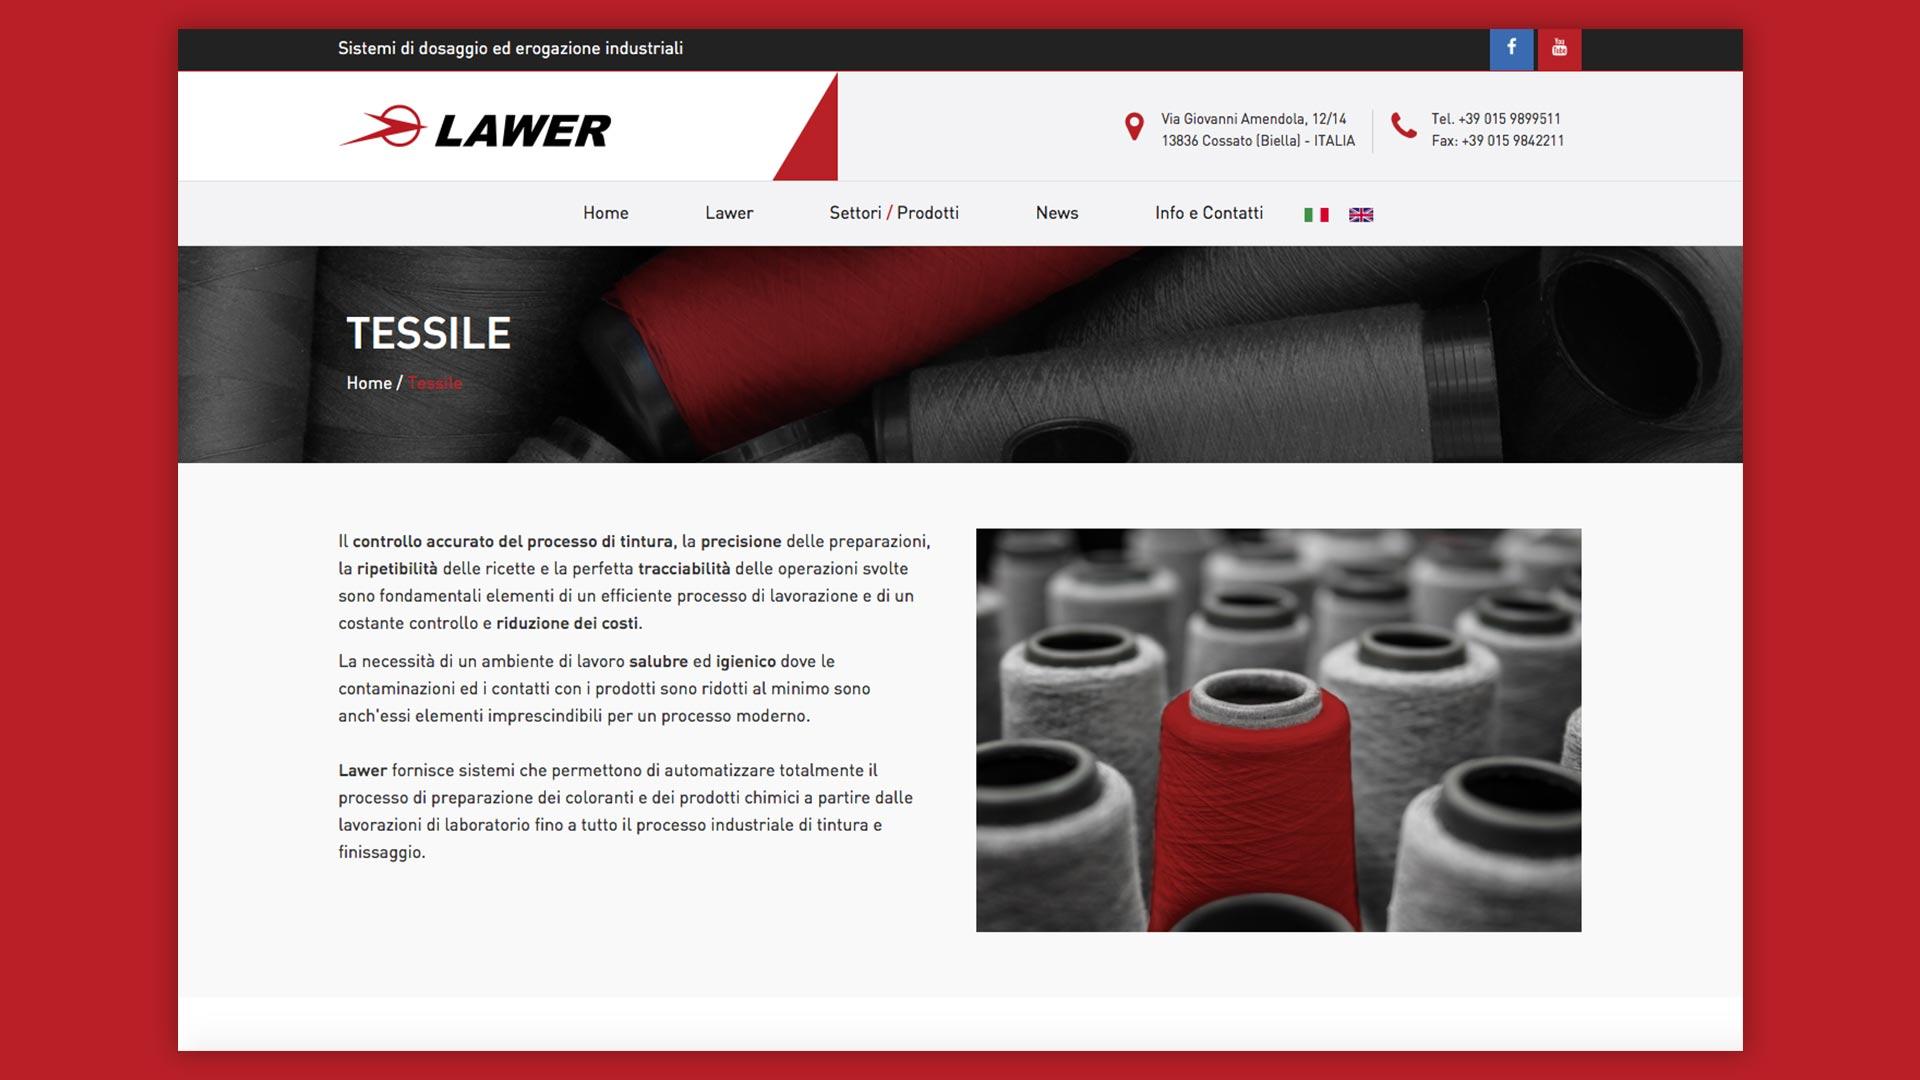 Sito Web di Lawer realizzato da OrangePix a Biella